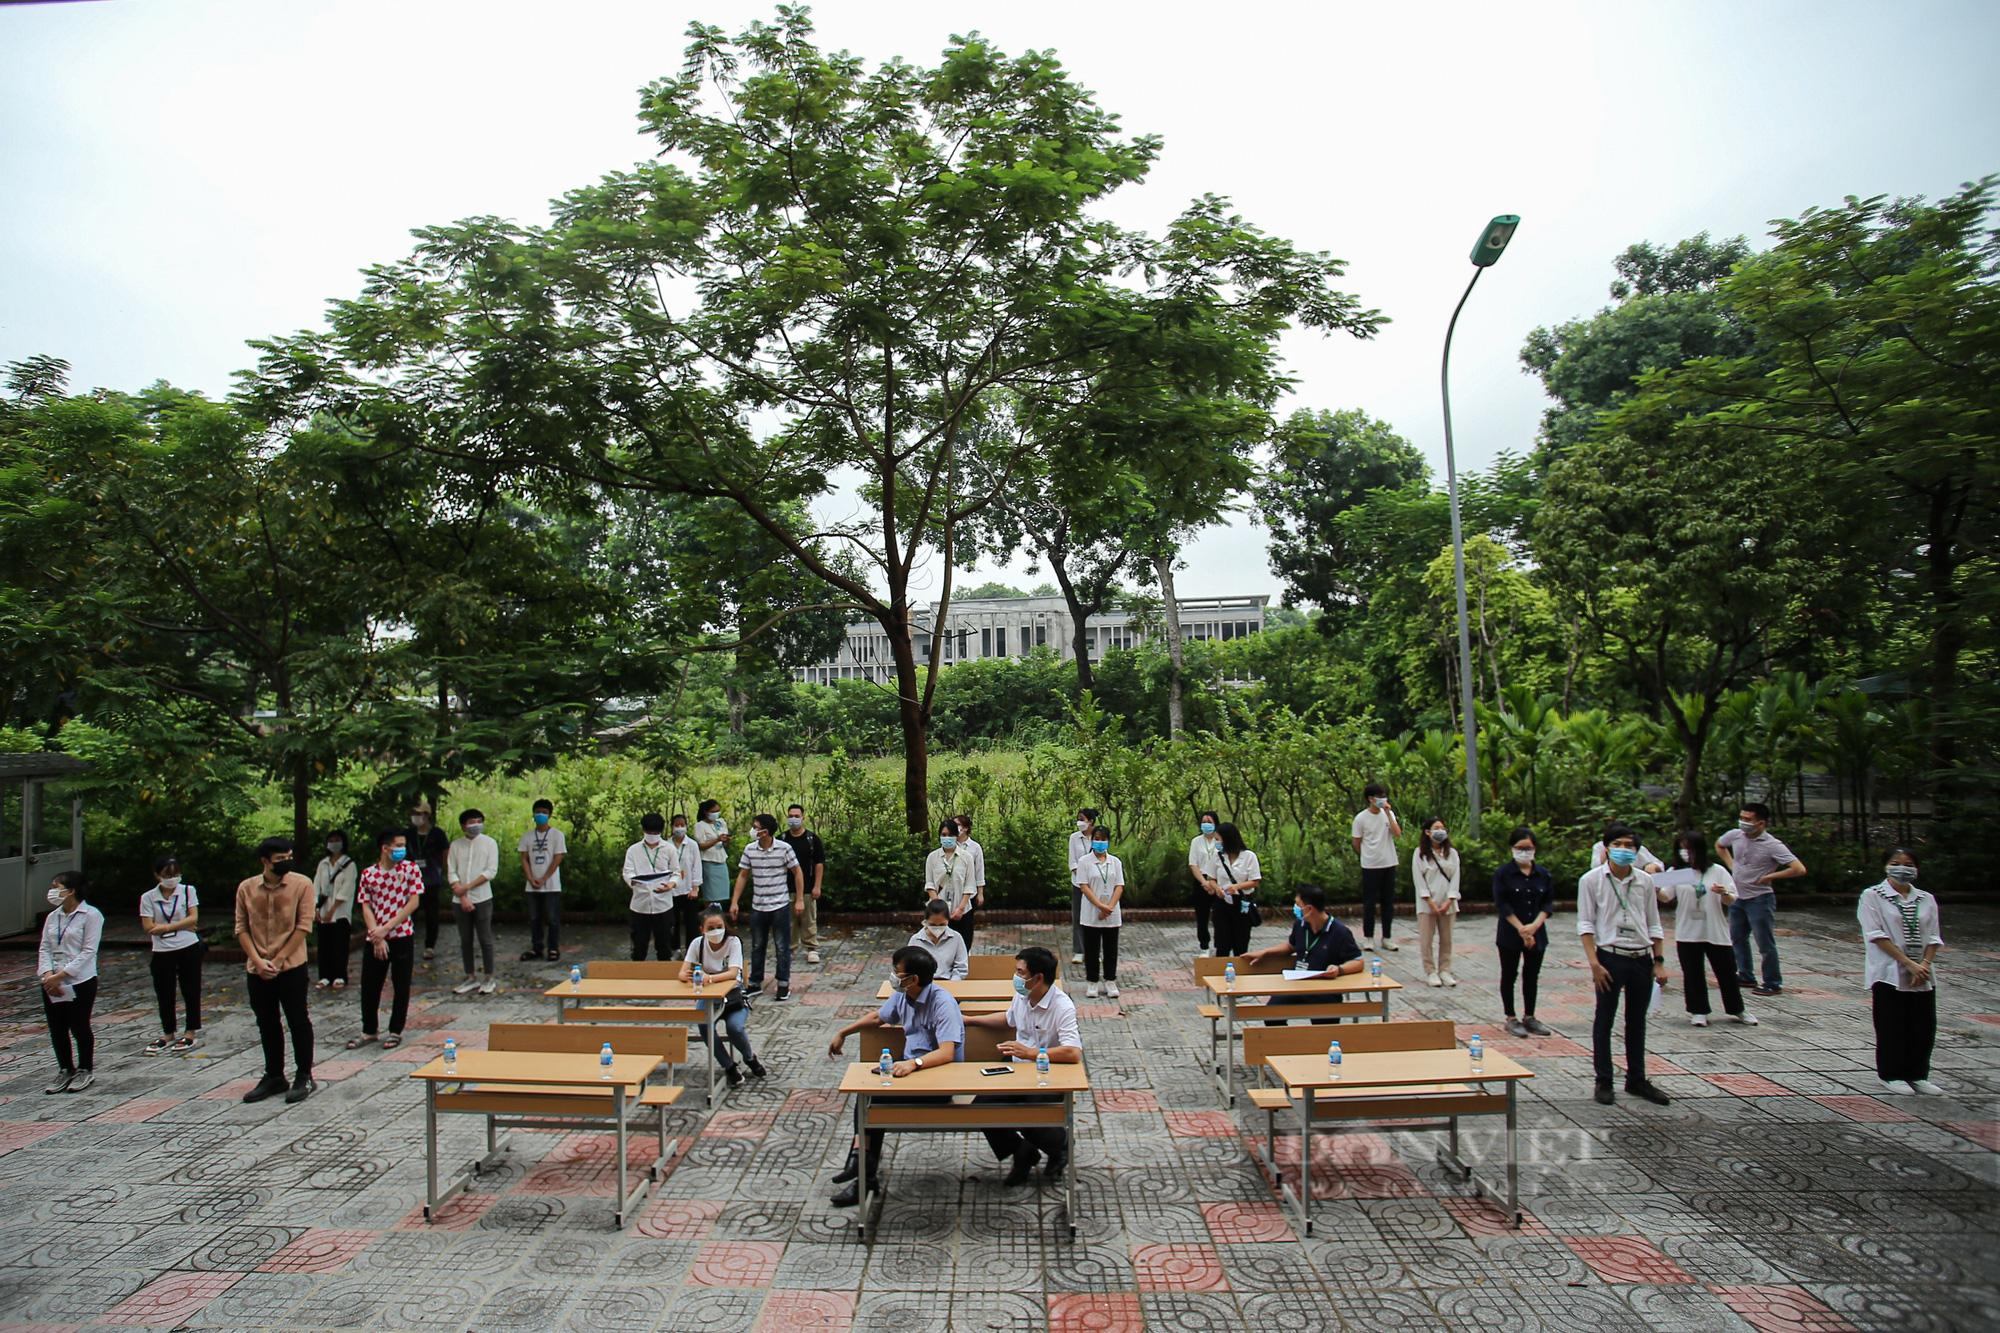 200 suất quà của bạn đọc Báo NTNN/Điện tử Dân Việt được trao đến tay sinh viên Học viện Nông nghiệp Việt Nam - Ảnh 1.